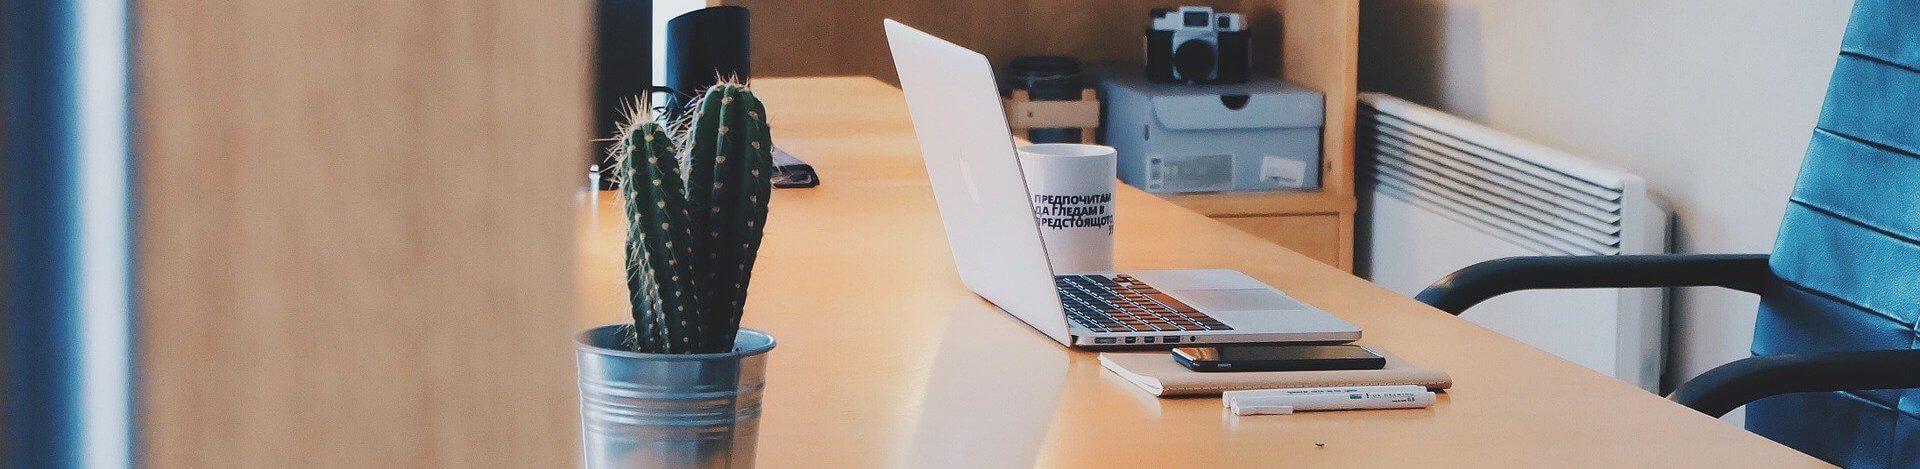 Arbeitszimmer Schreibtisch Arbeitsplatz Einrichtung Wohnen